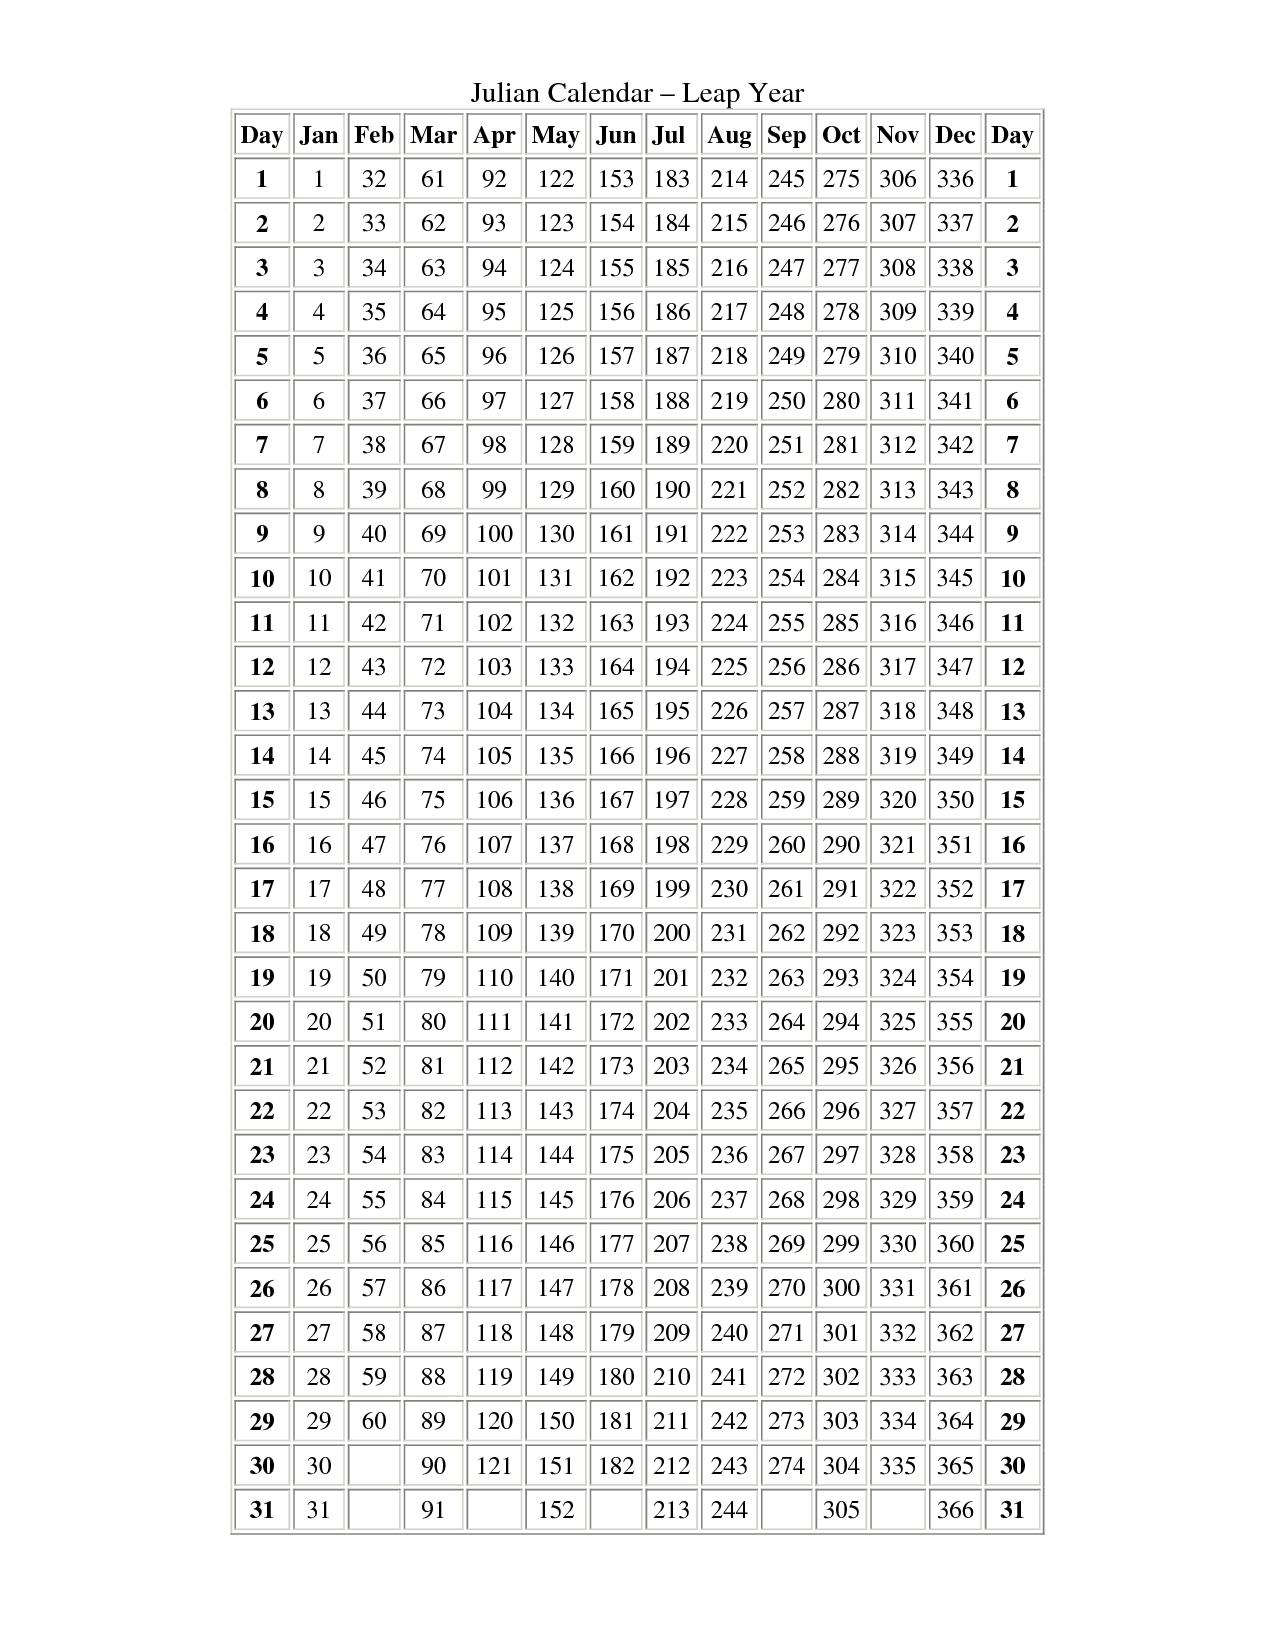 Julian Calendar No Leap Year - Calendar Inspiration Design  2020 Julian Date Calendar Printable